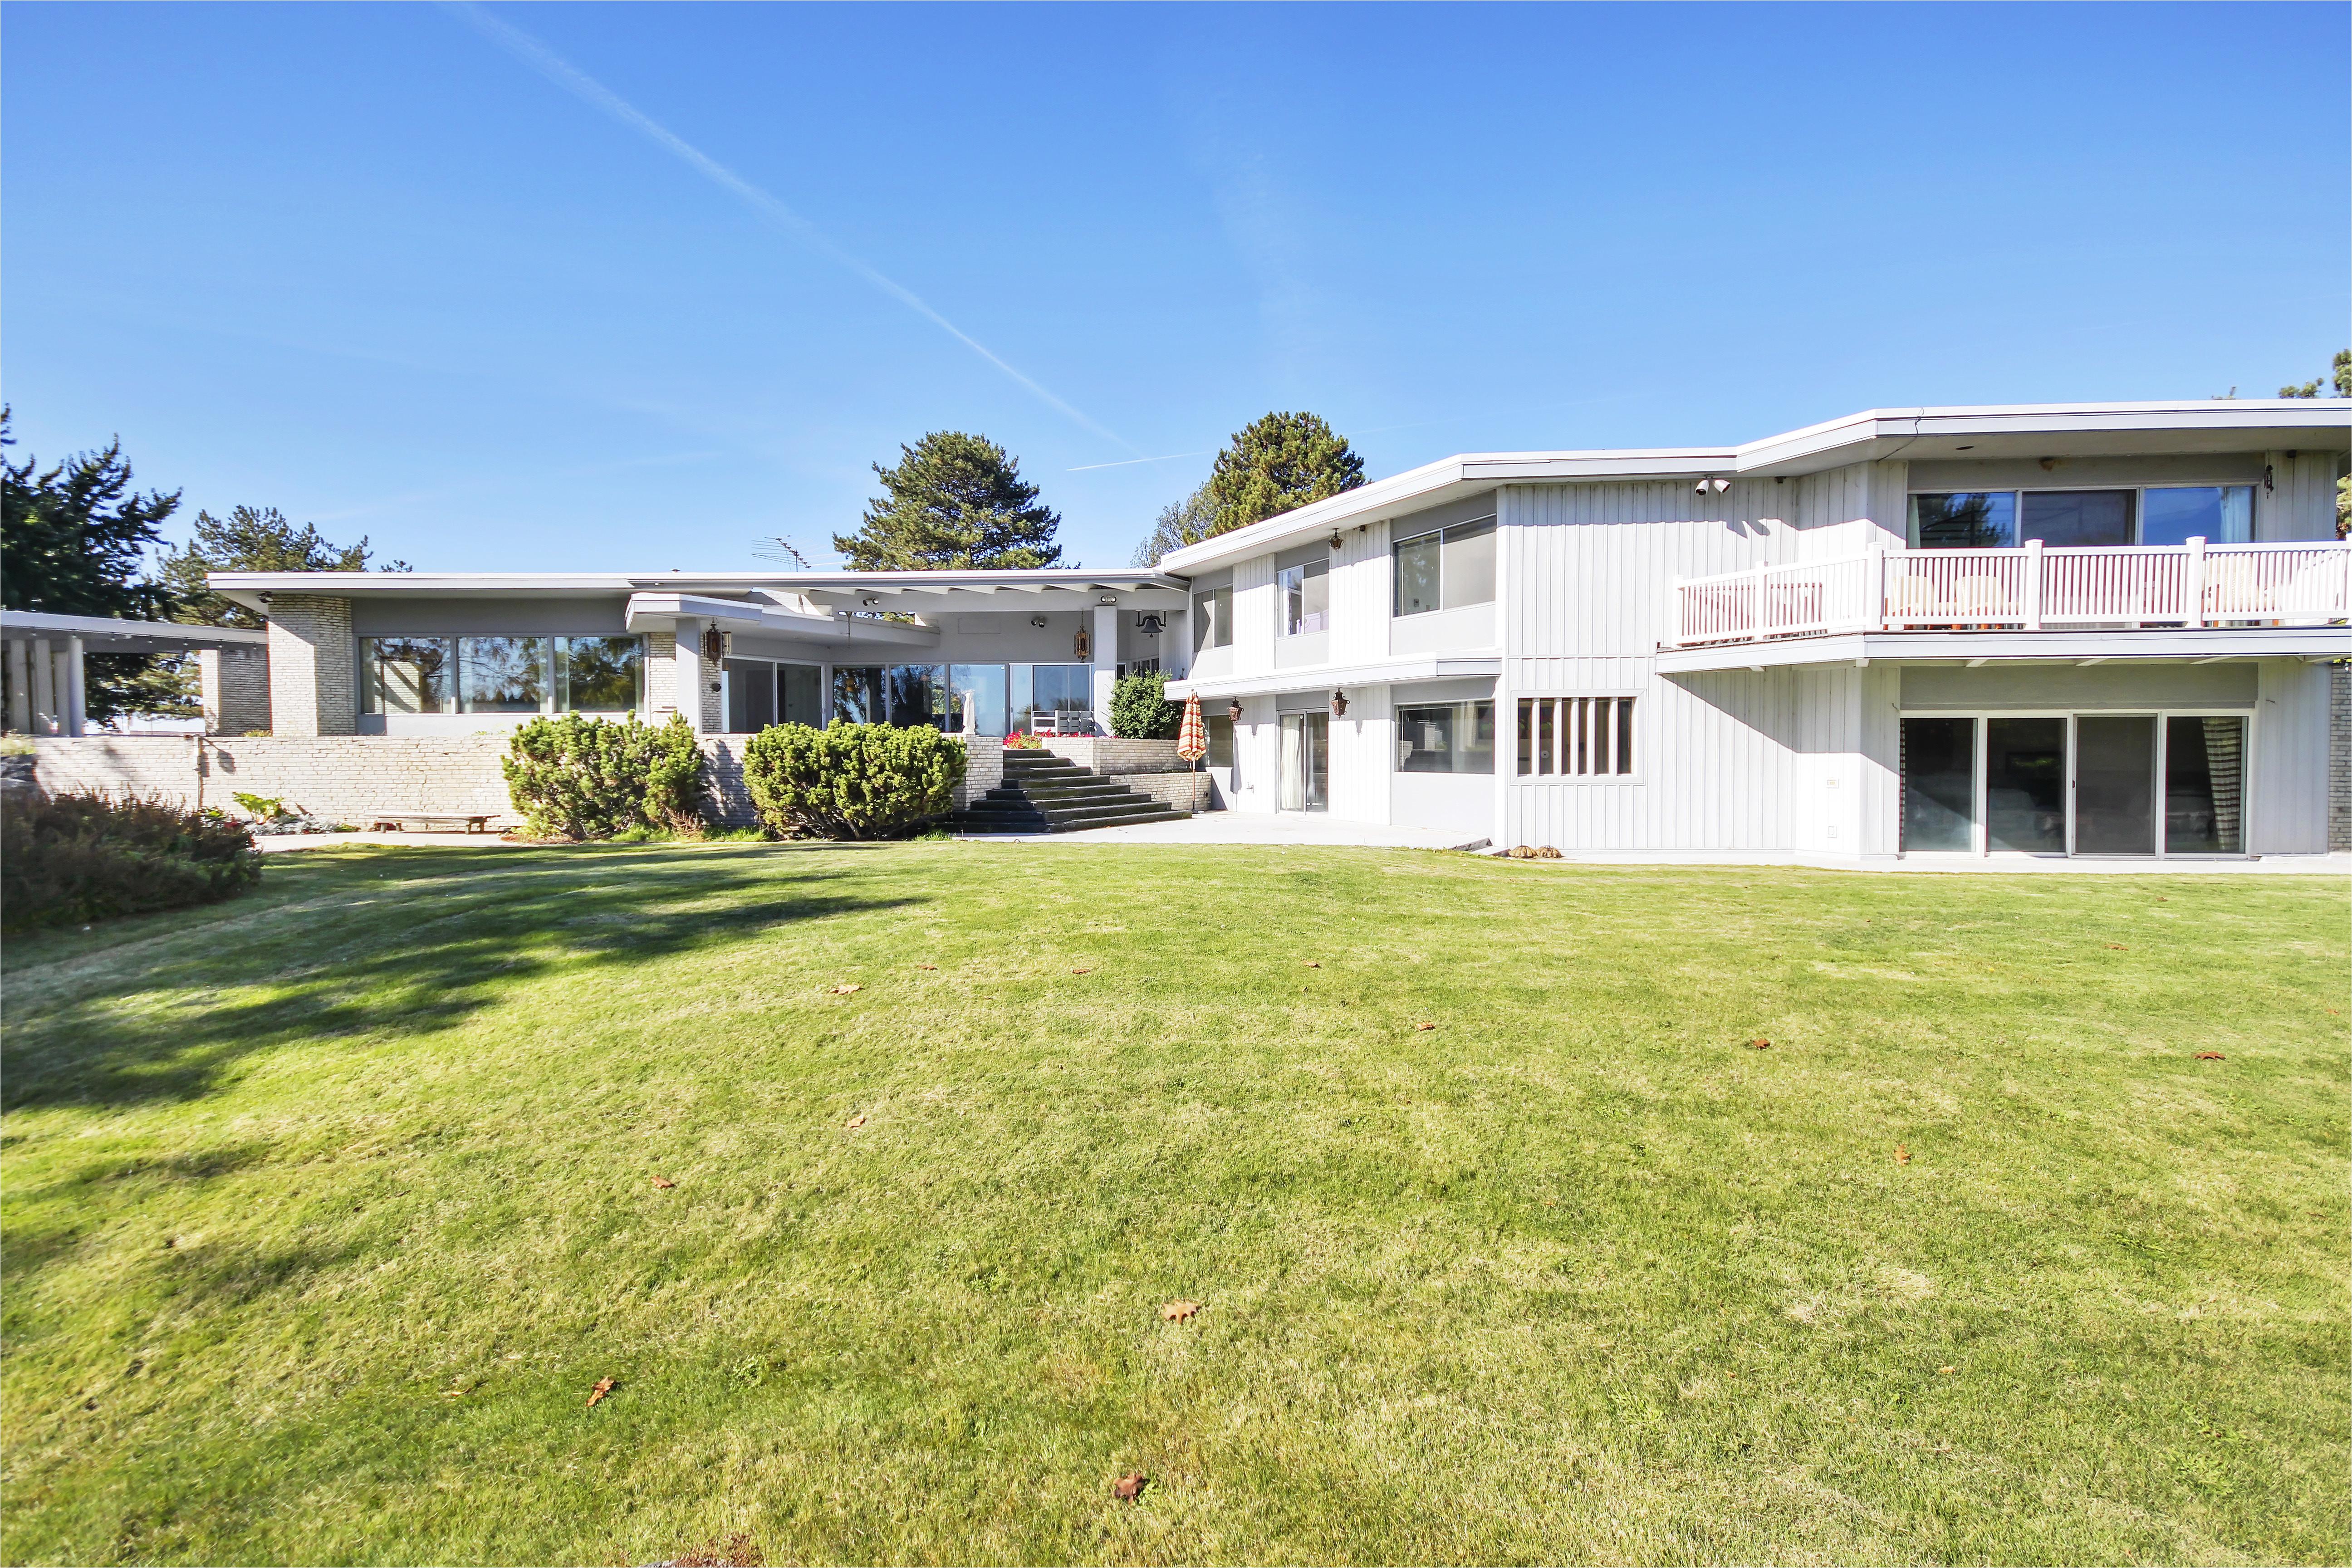 frank lloyd wright inspired parallelogram house asks 560k